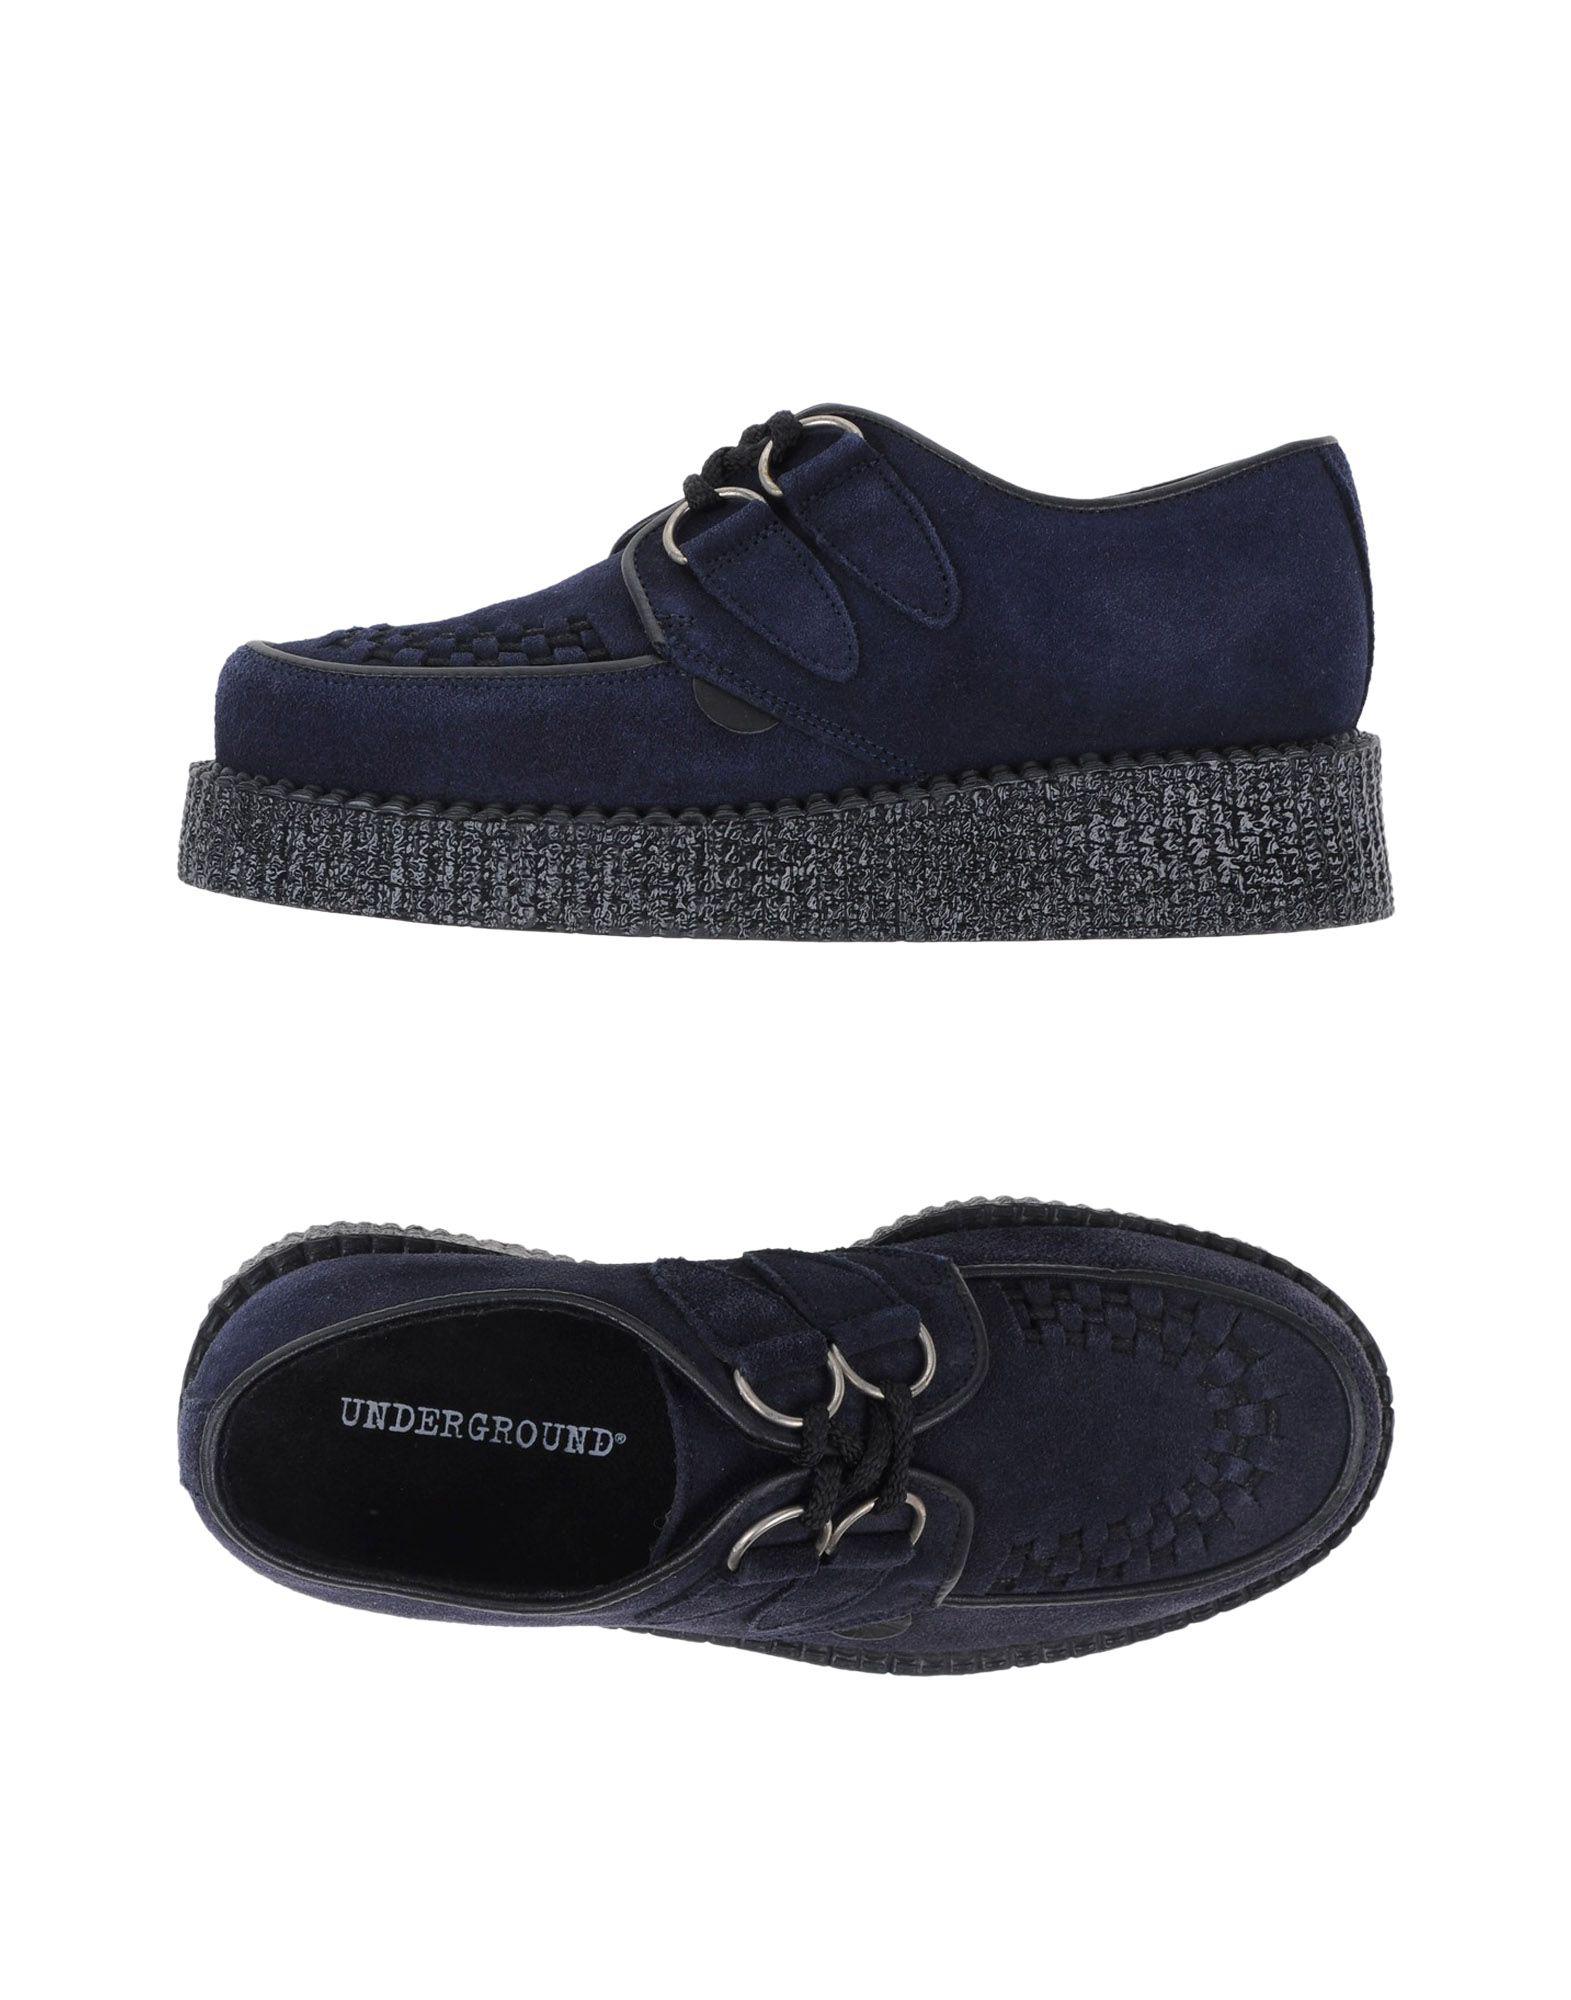 Underground Laced Shoes In Dark Blue